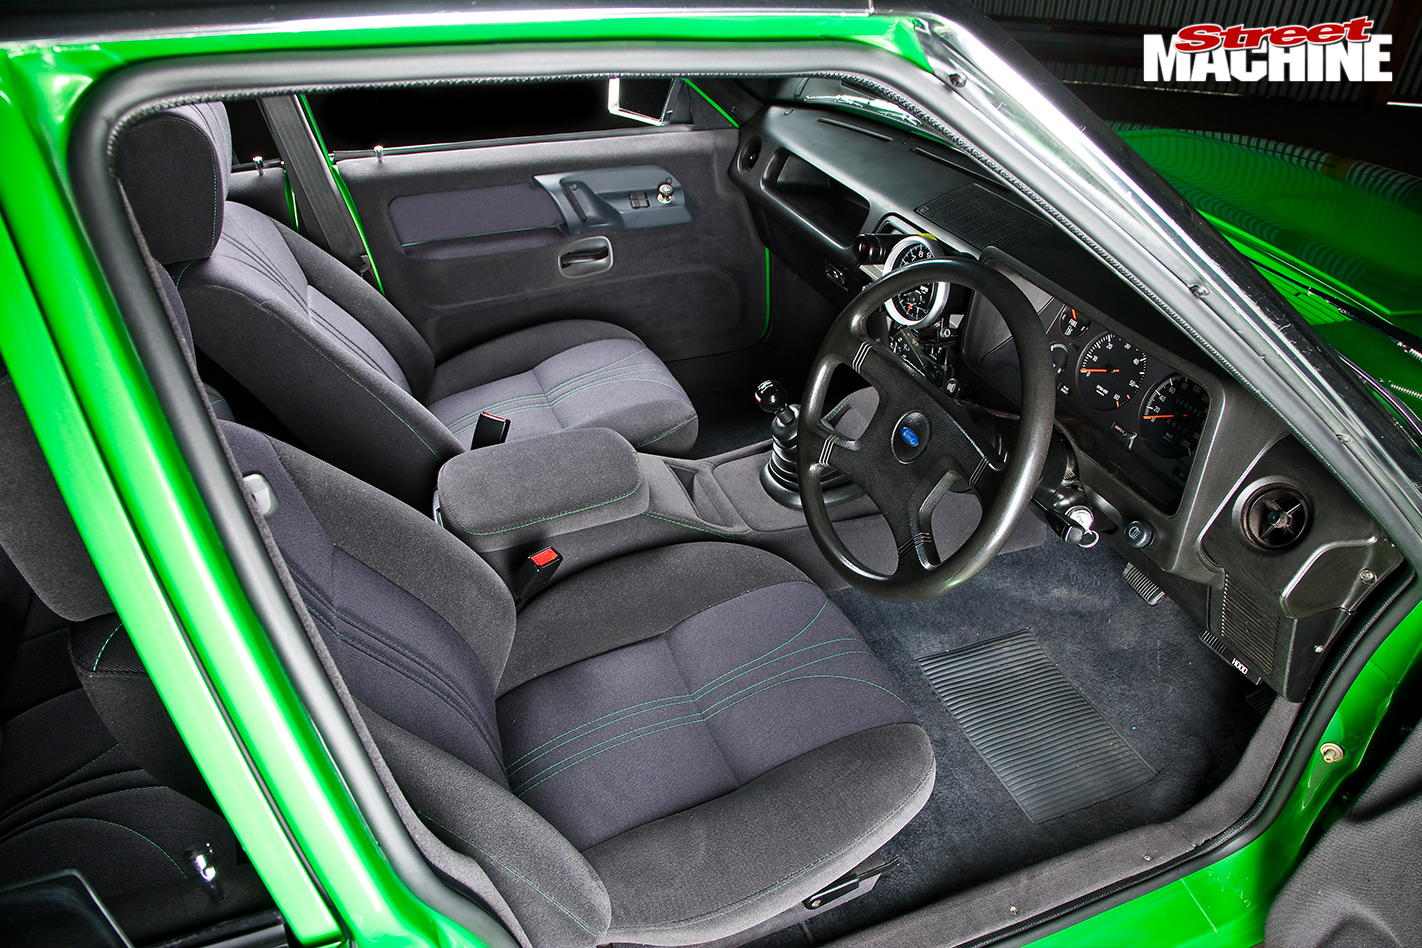 Ford -xe -falcon -interior